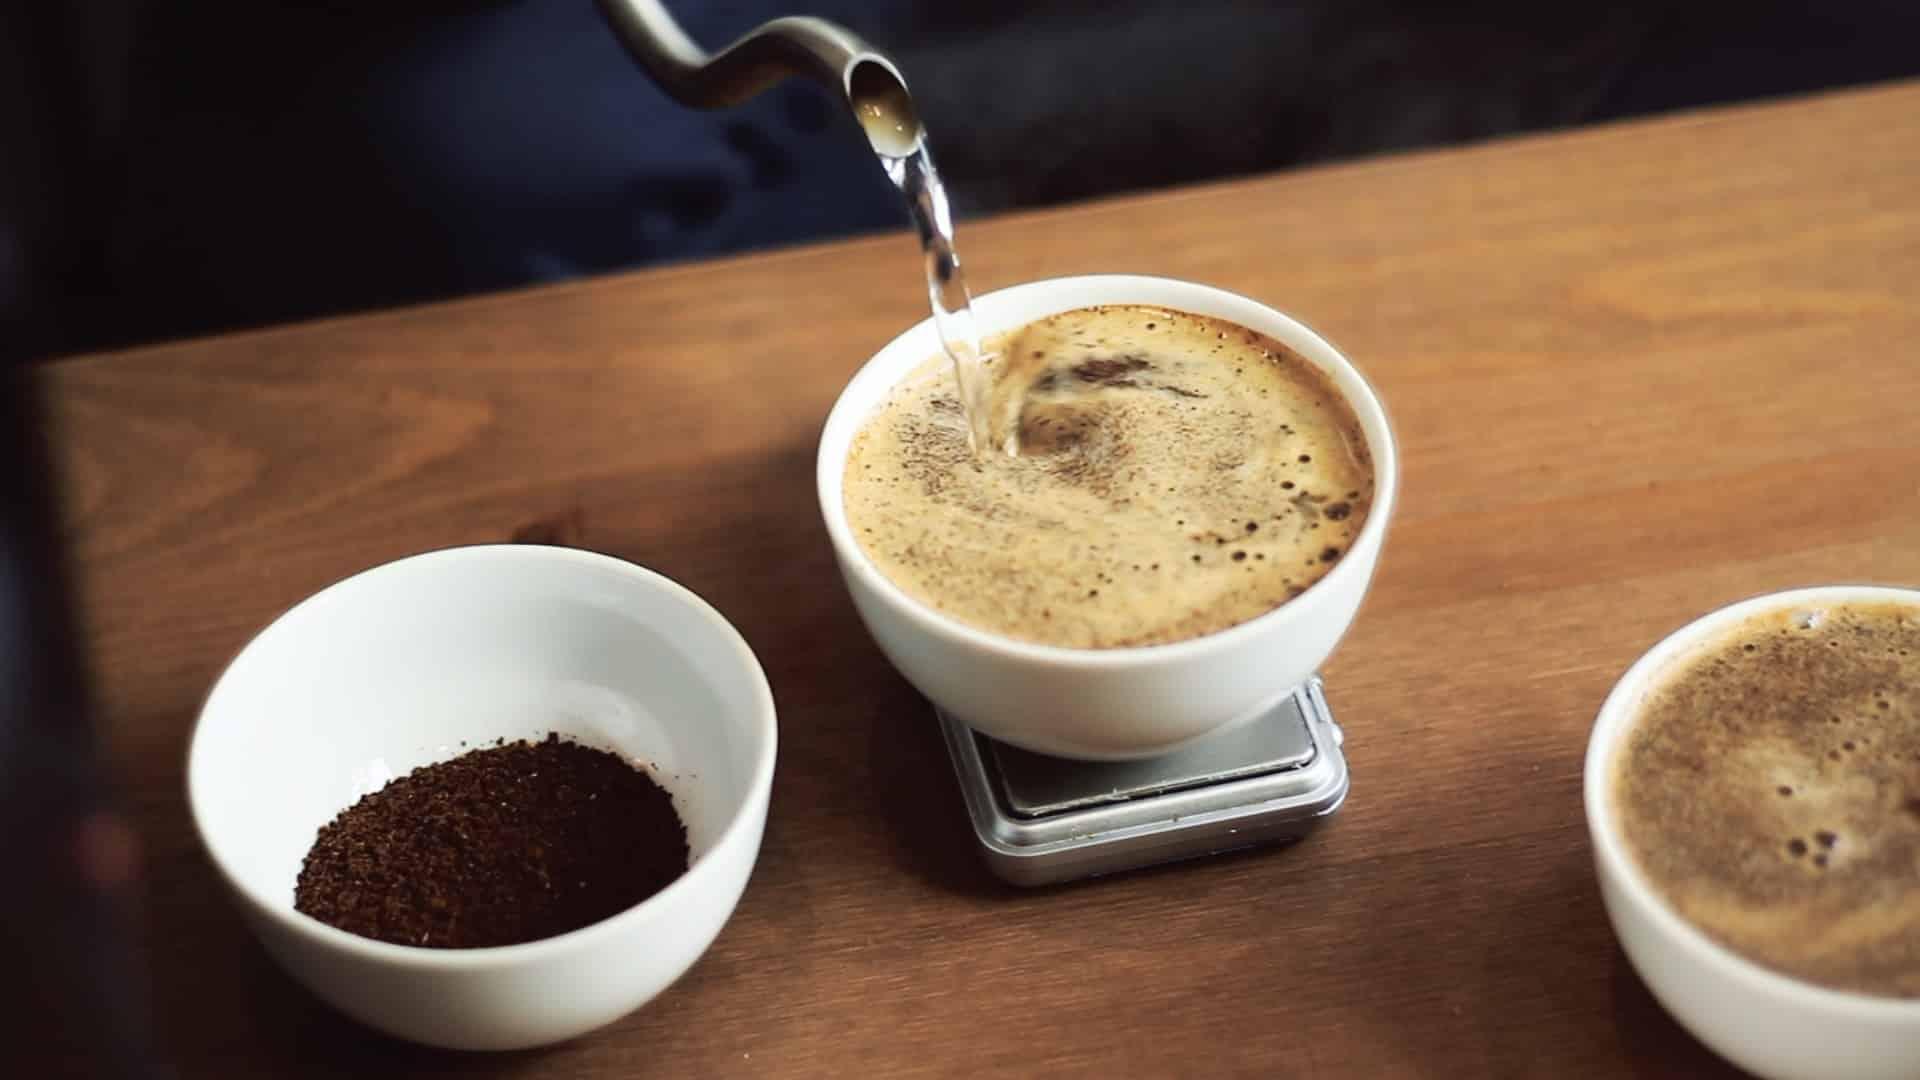 Jak przechowywać mieloną kawę?